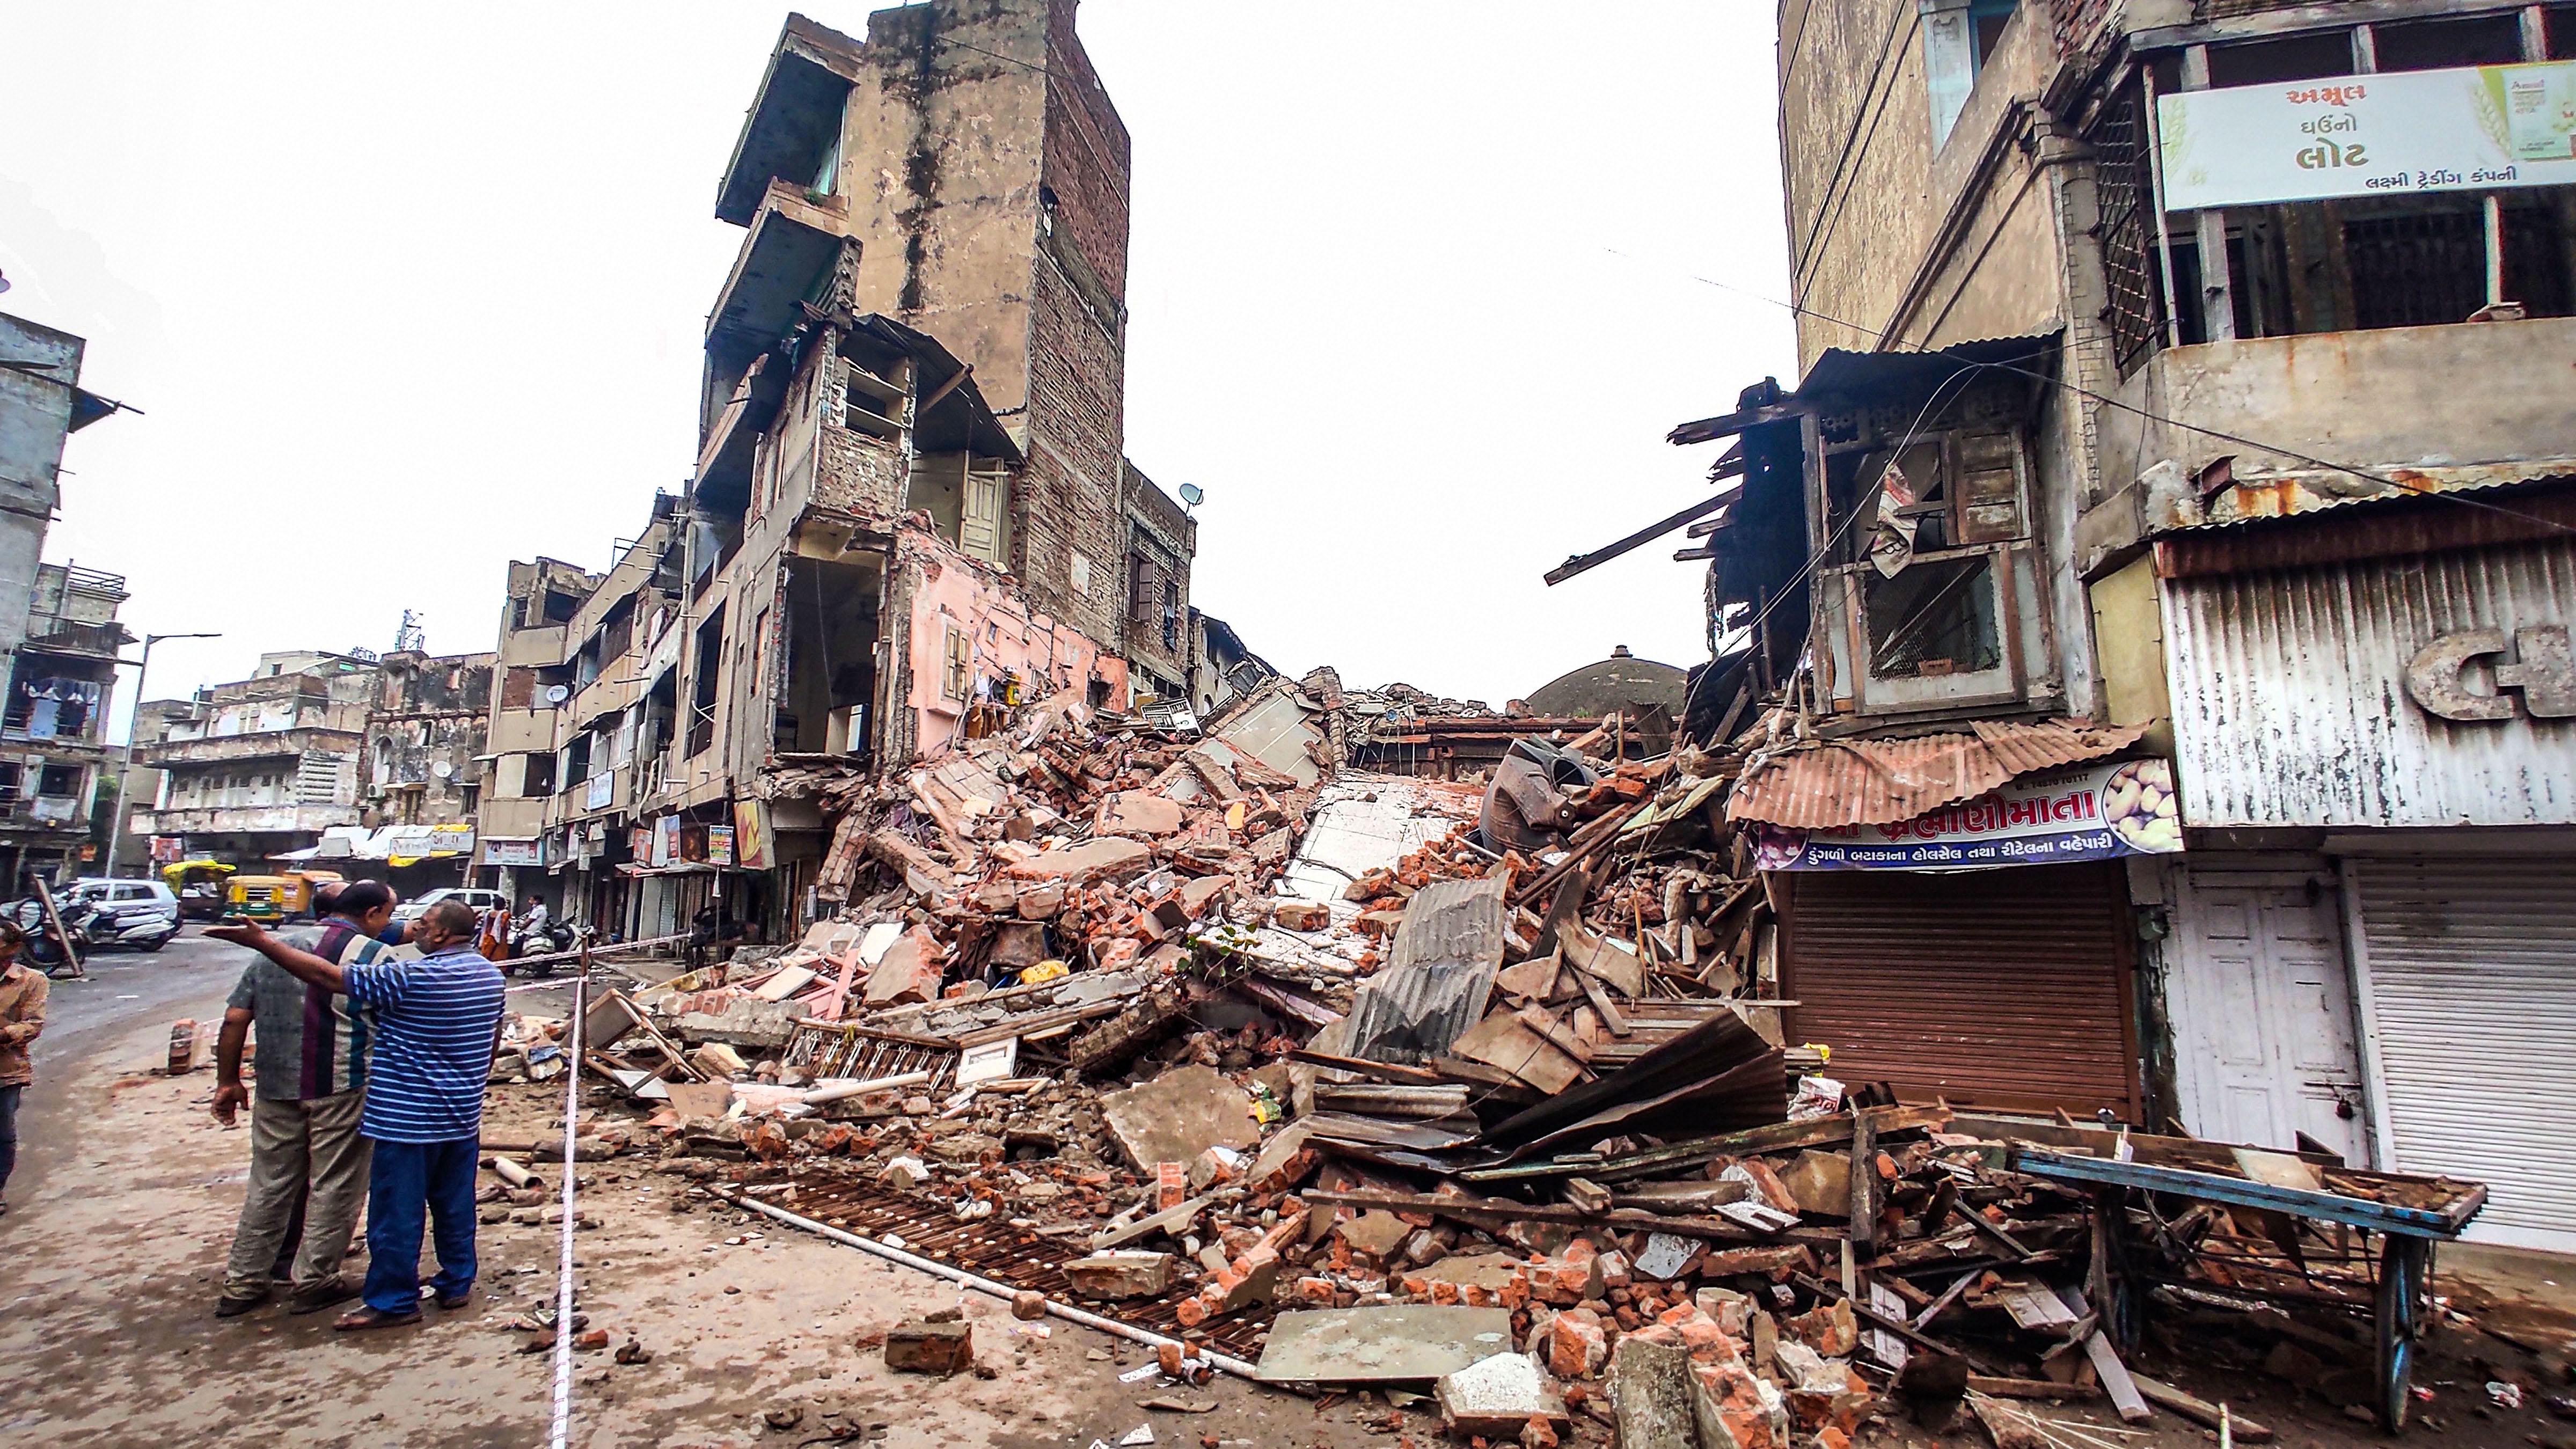 अहमदाबाद के सारंगपुर इलाके में भारी बारिश की वजह से एक मकान ढह गया। अभी यह पता नहीं चल पाया है कि इस हादसे में कितना नुकसान हुआ है।